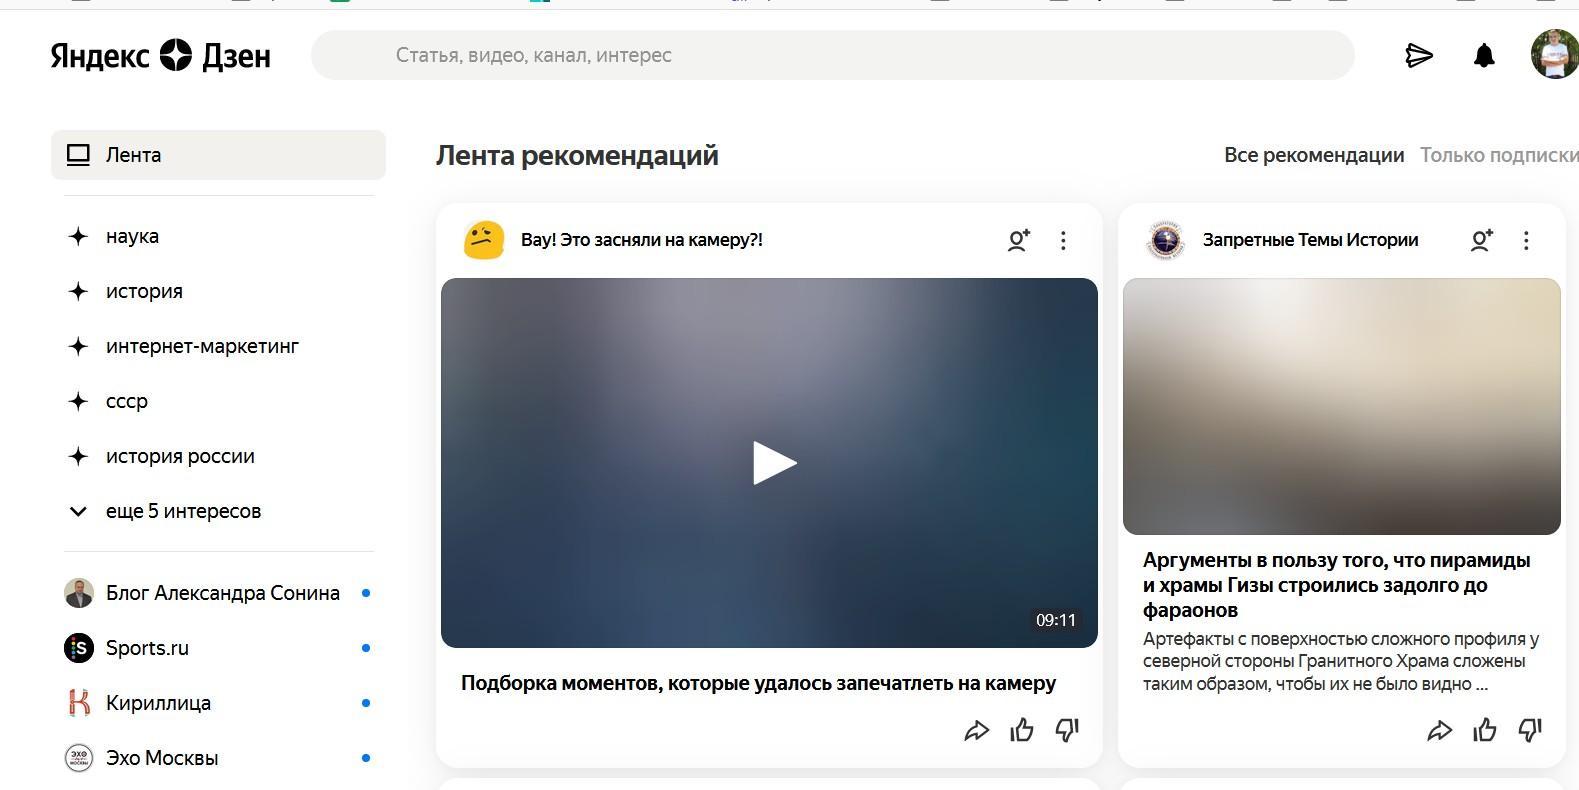 Яндекс Дзен 1